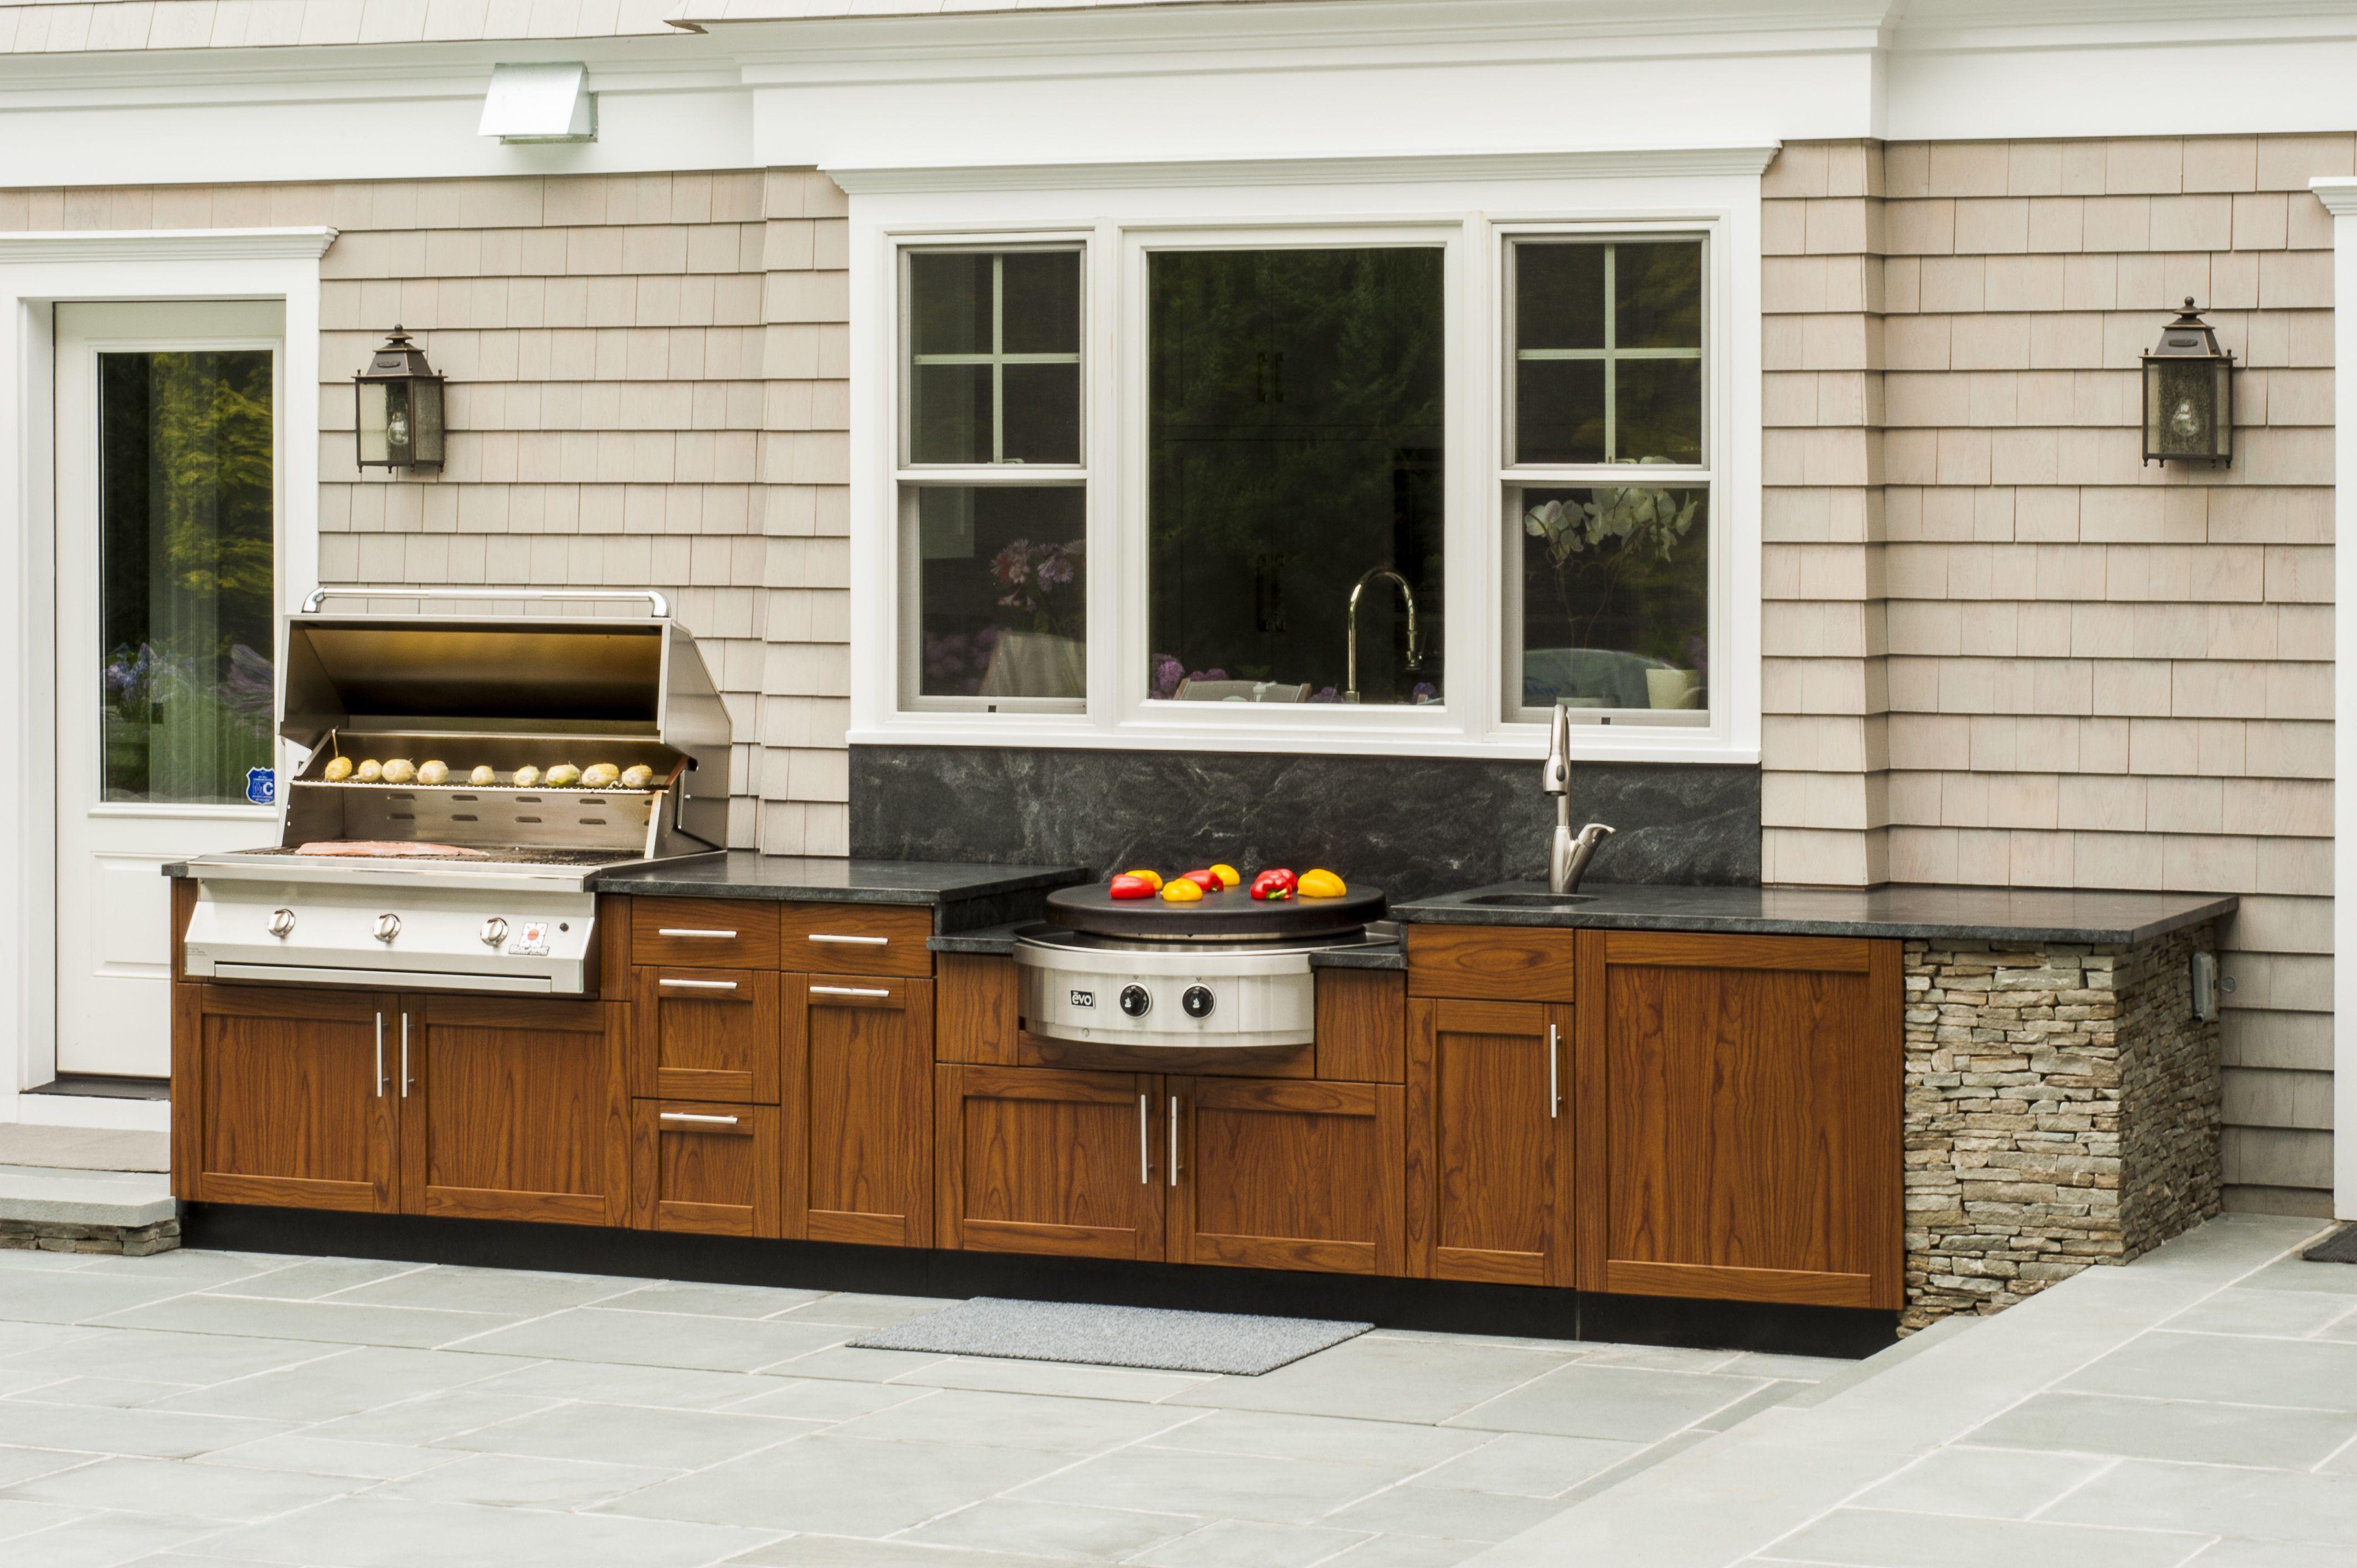 8 Outdoor Kitchen Designs, Ideas & Plans Outdoor kitchen